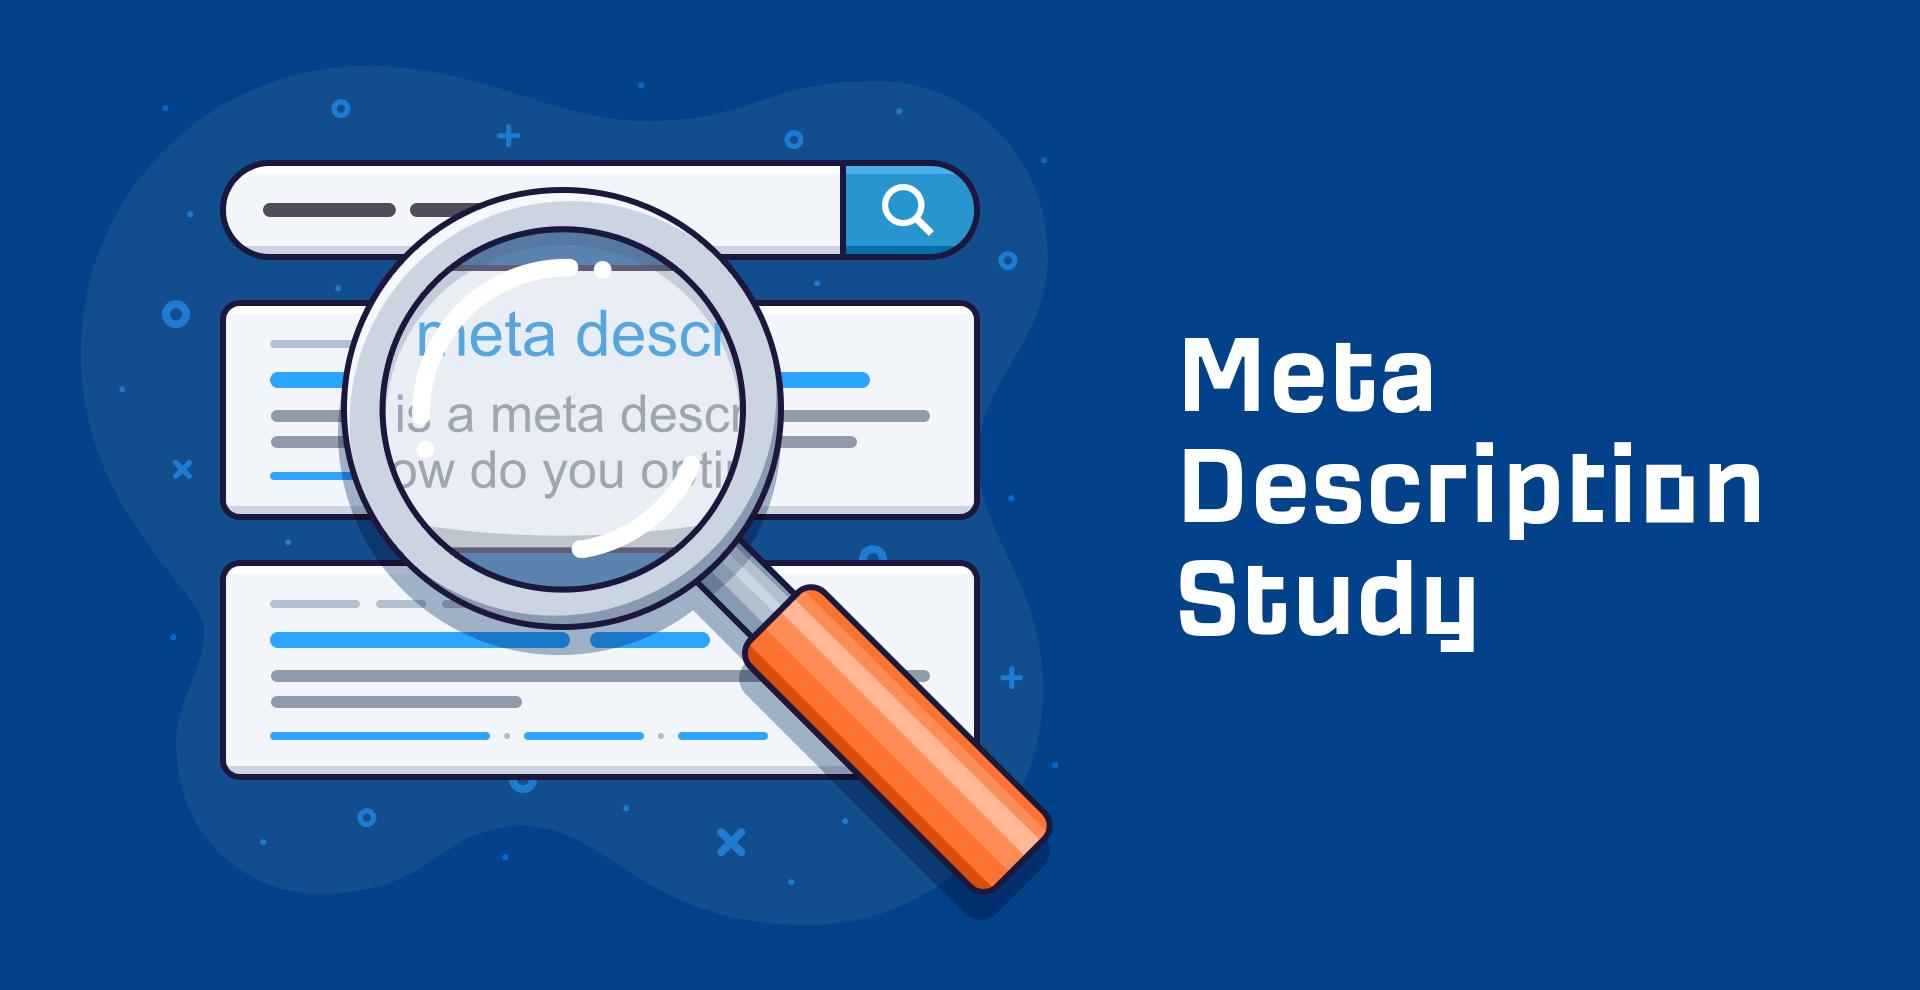 À quelle fréquence Google réécrit-il les descriptions de métadonnées? (Nouvelle étude de données)